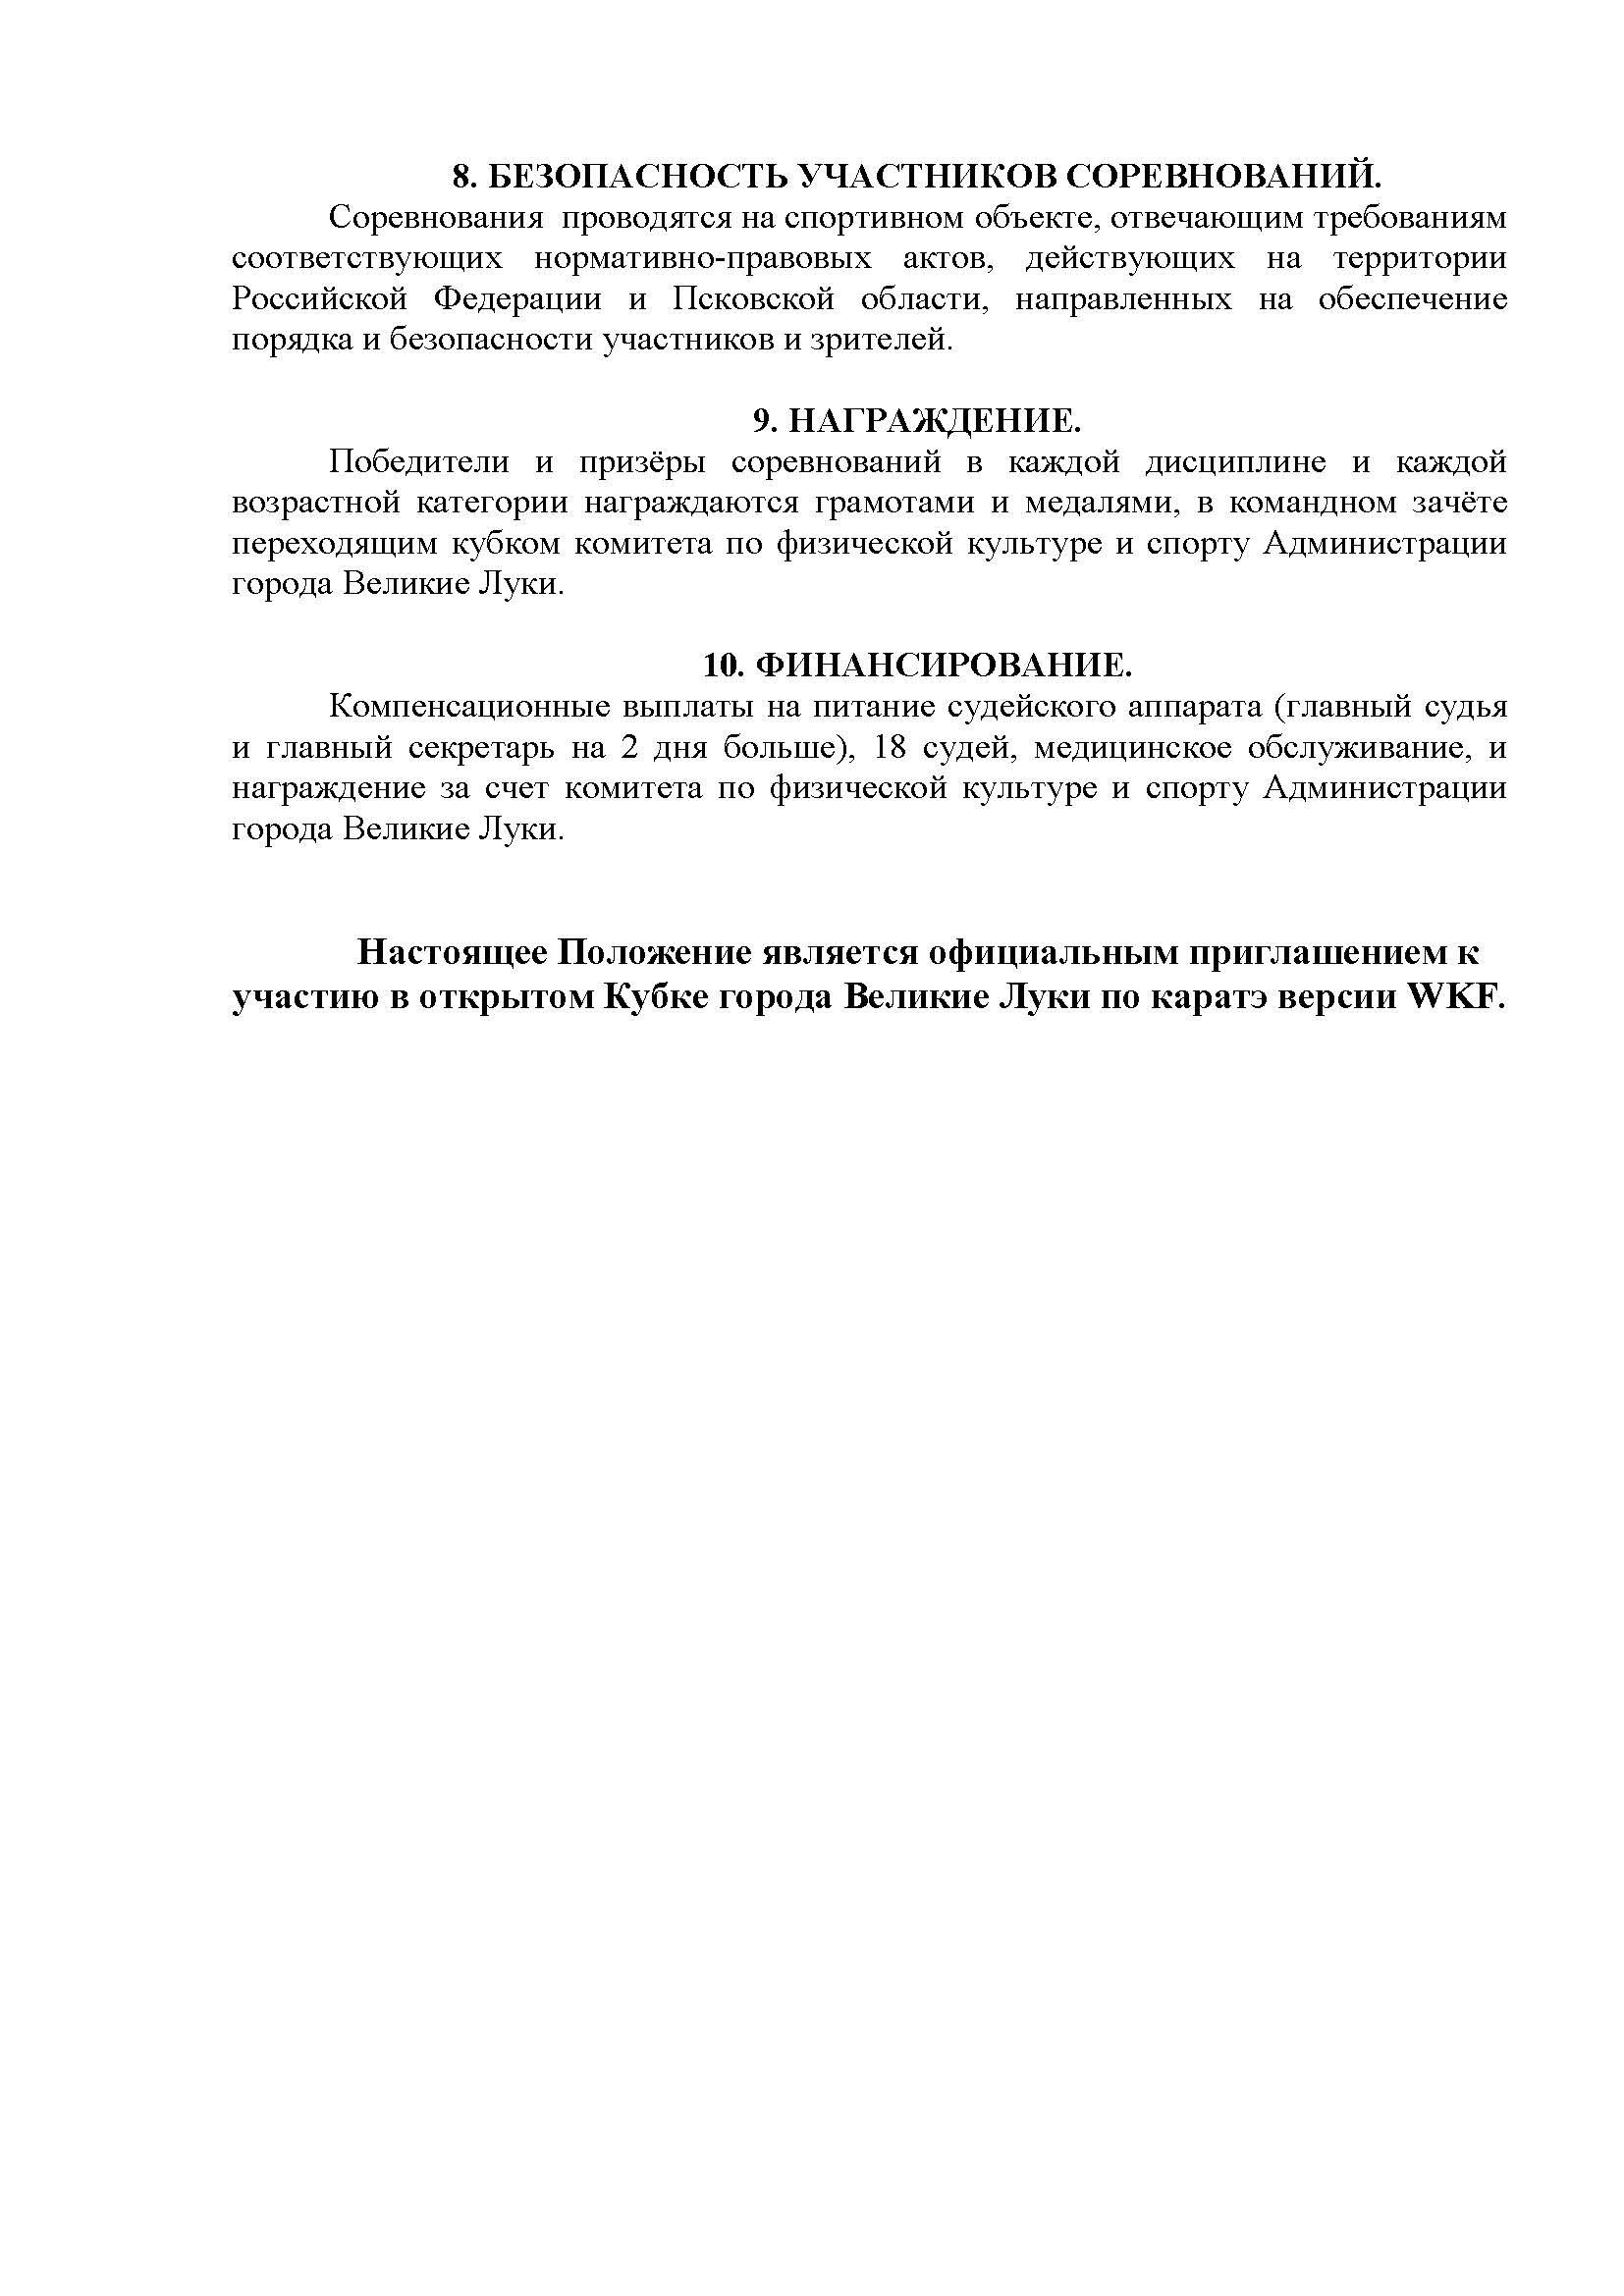 Положение о проведении открытого Кубка города Великие Луки по каратэ версии WKF_Страница_3